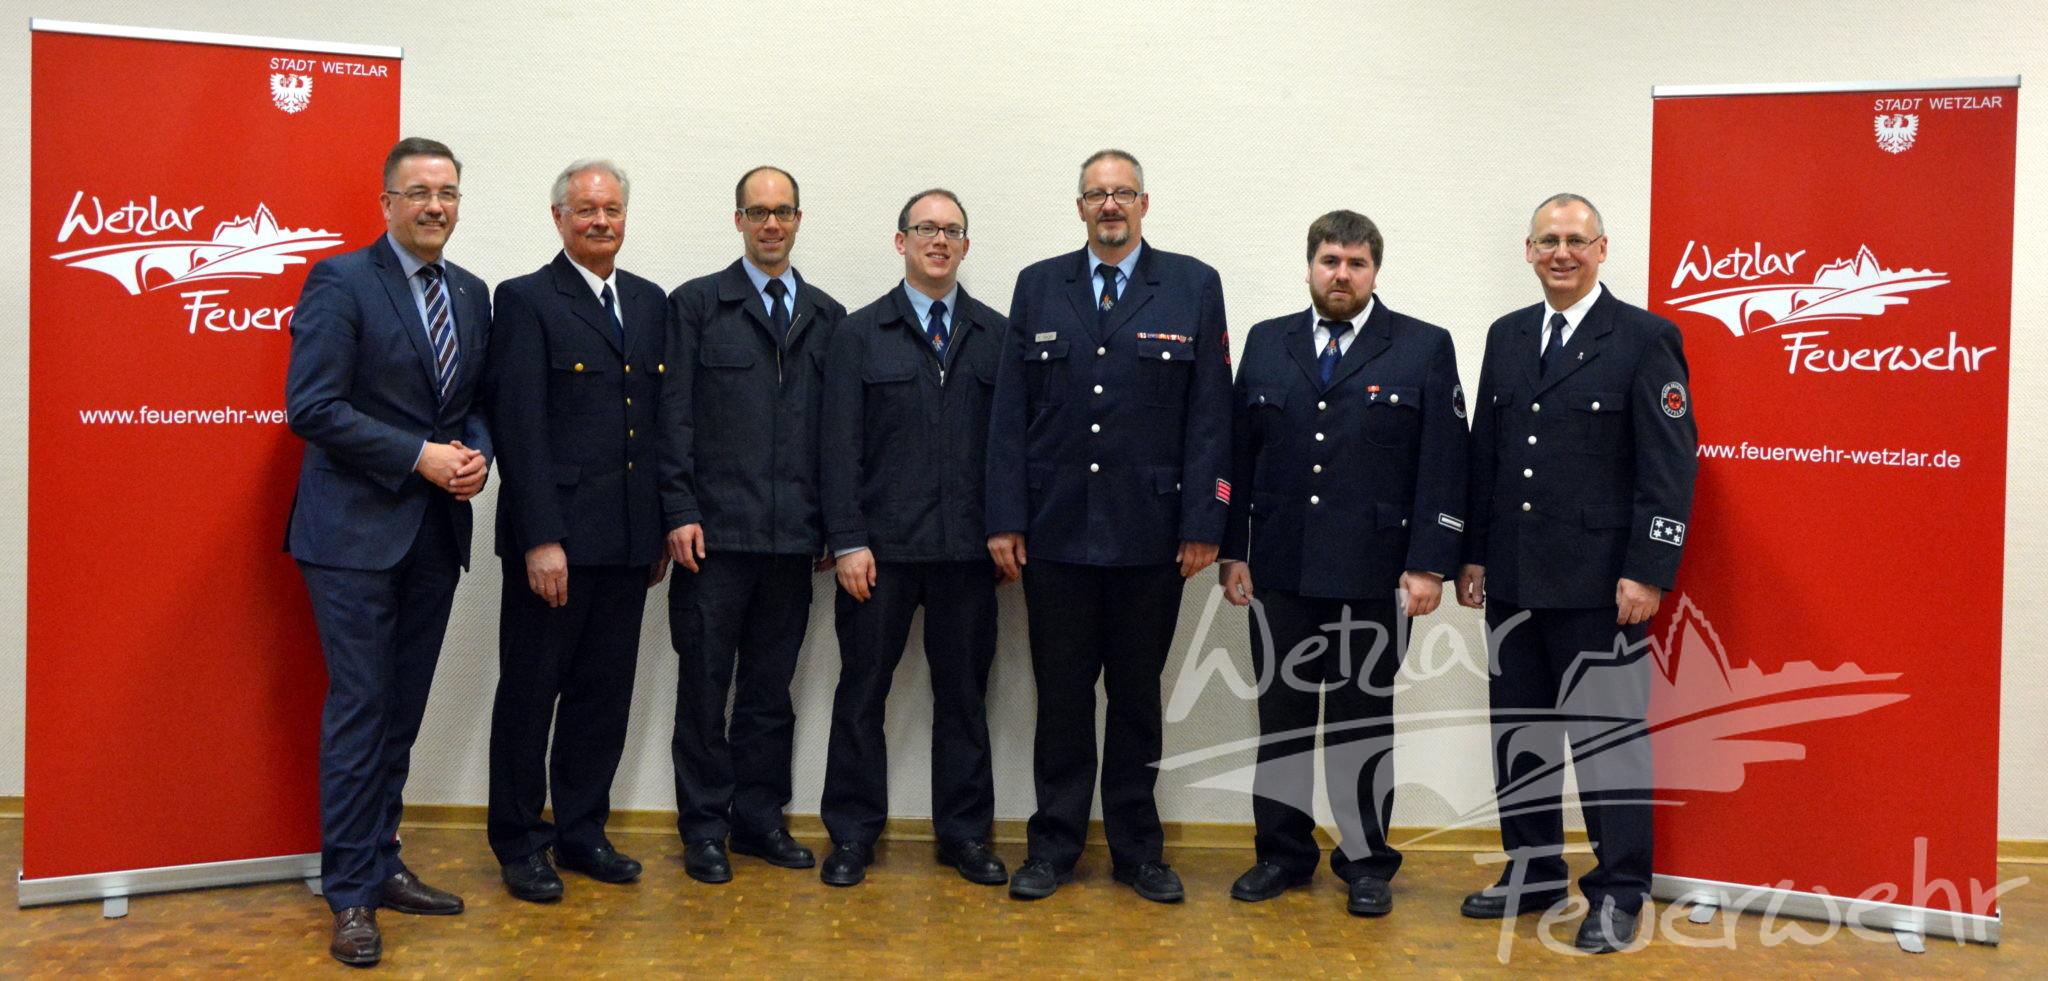 1120 Einsätze für Wetzlarer Feuerwehr